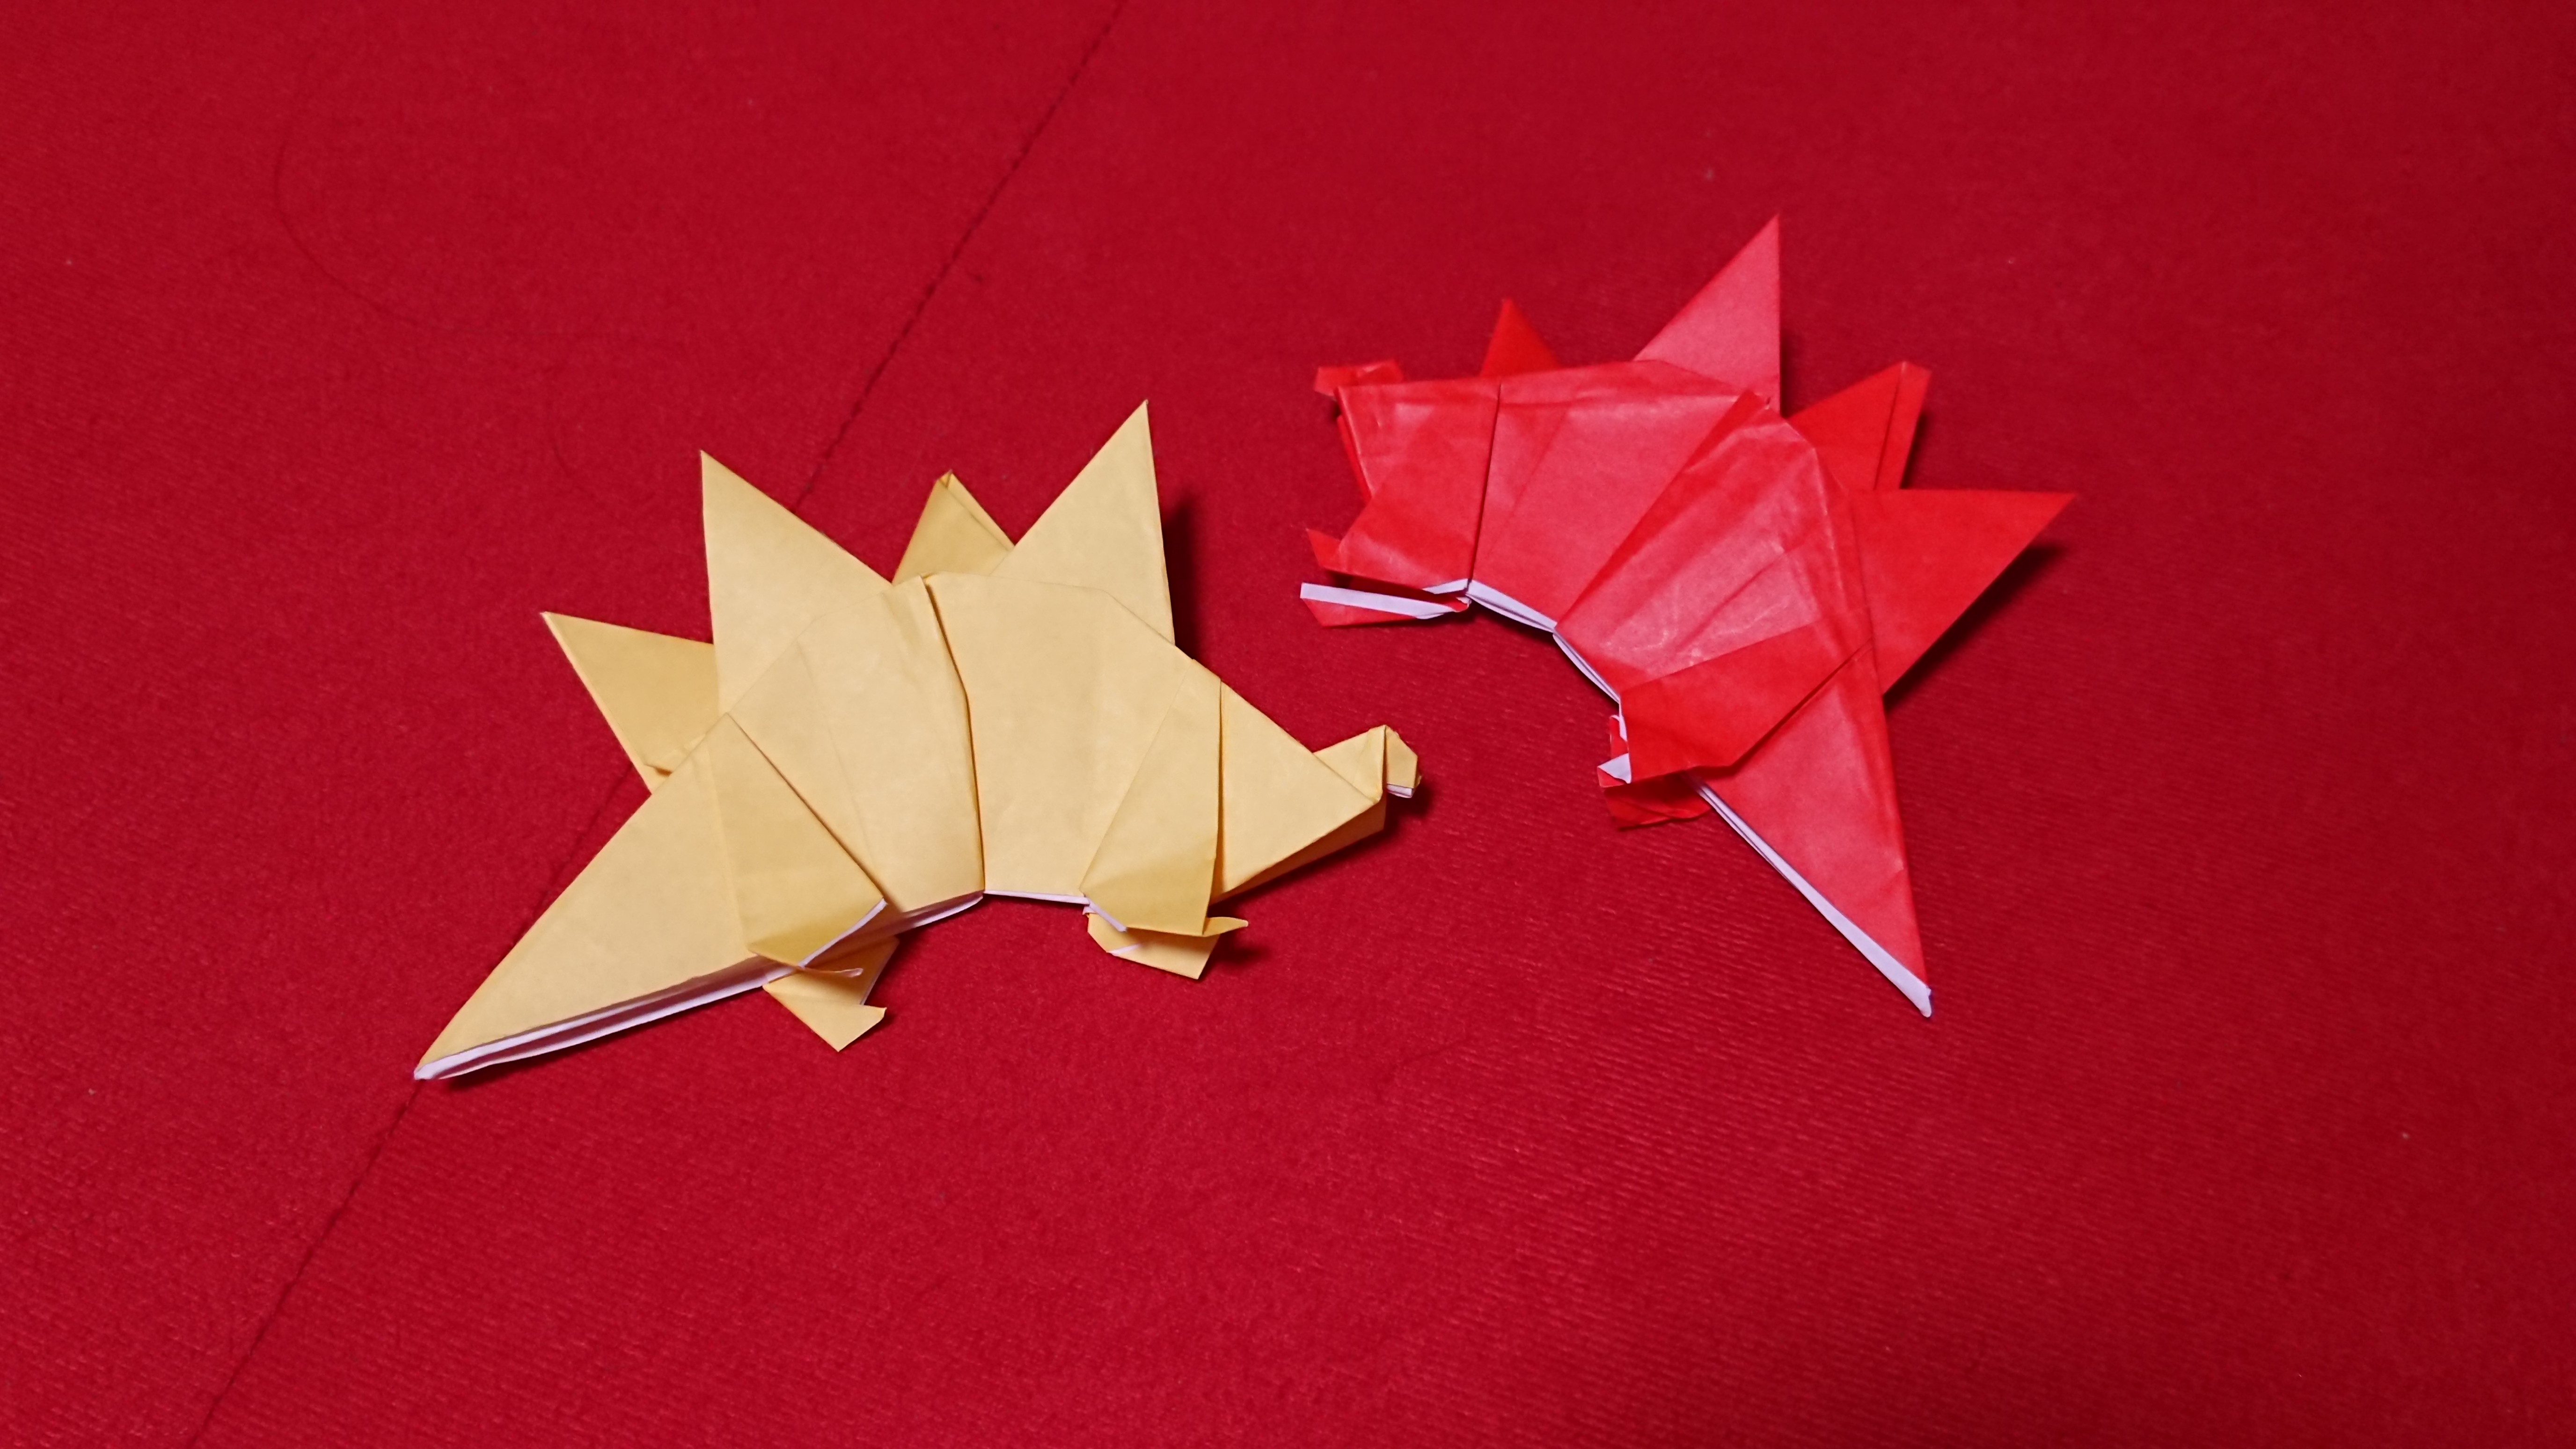 恐竜「ステゴサウルス」の折り方!折り紙の作成手順&ポイントを解説!